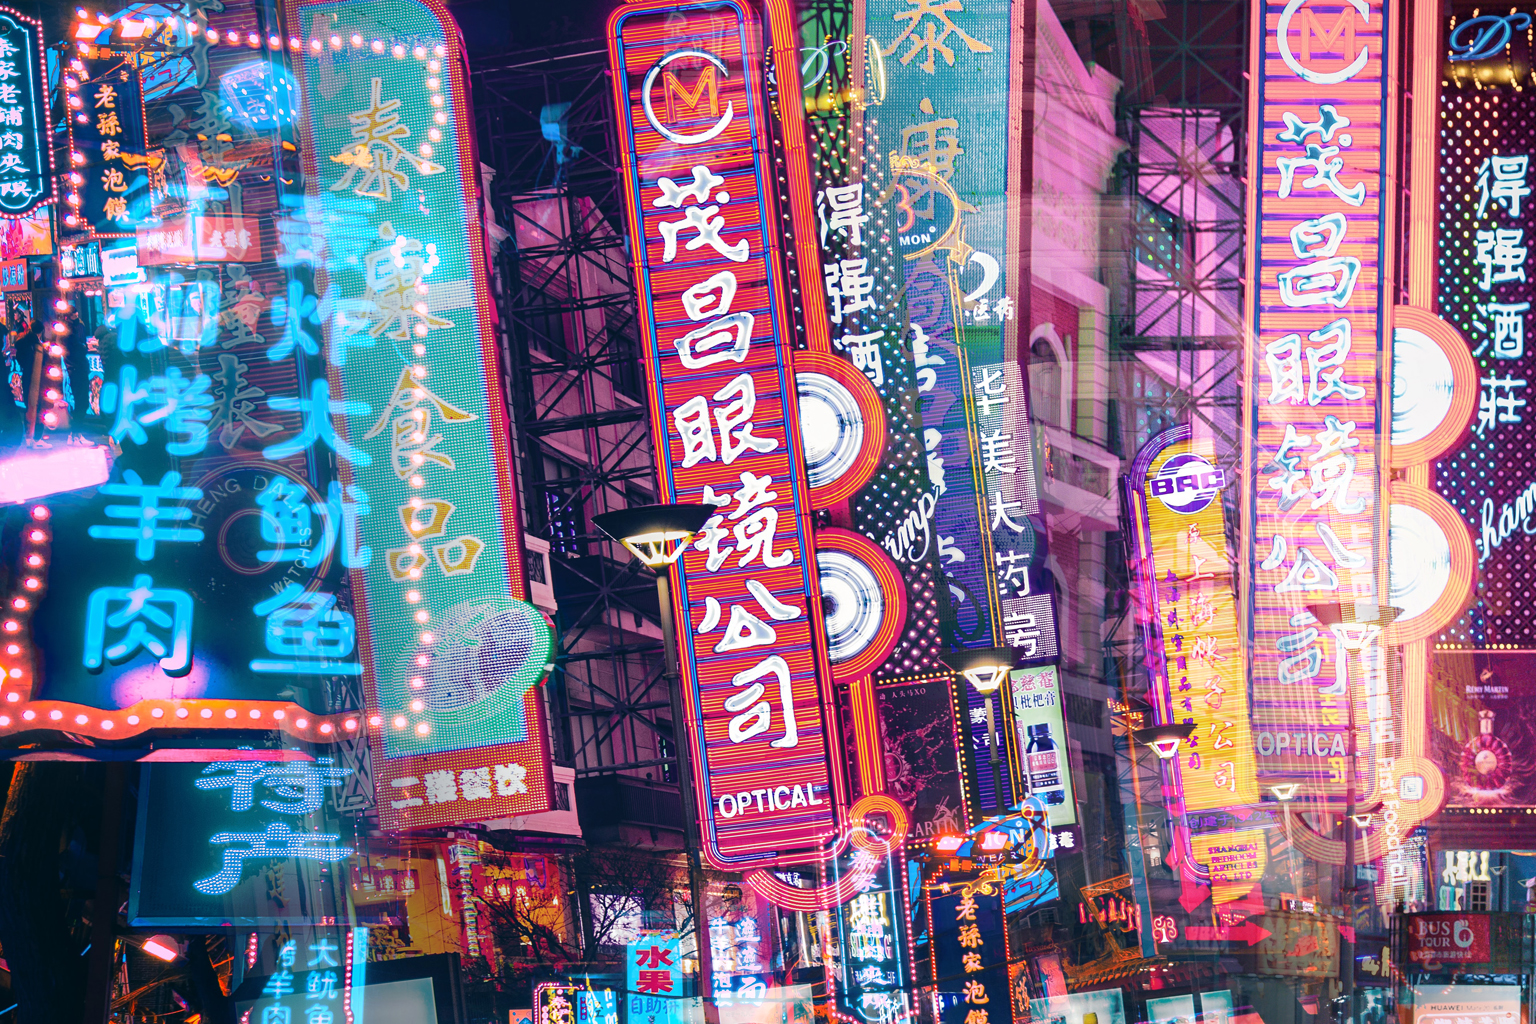 Infinidade de placas em chinês